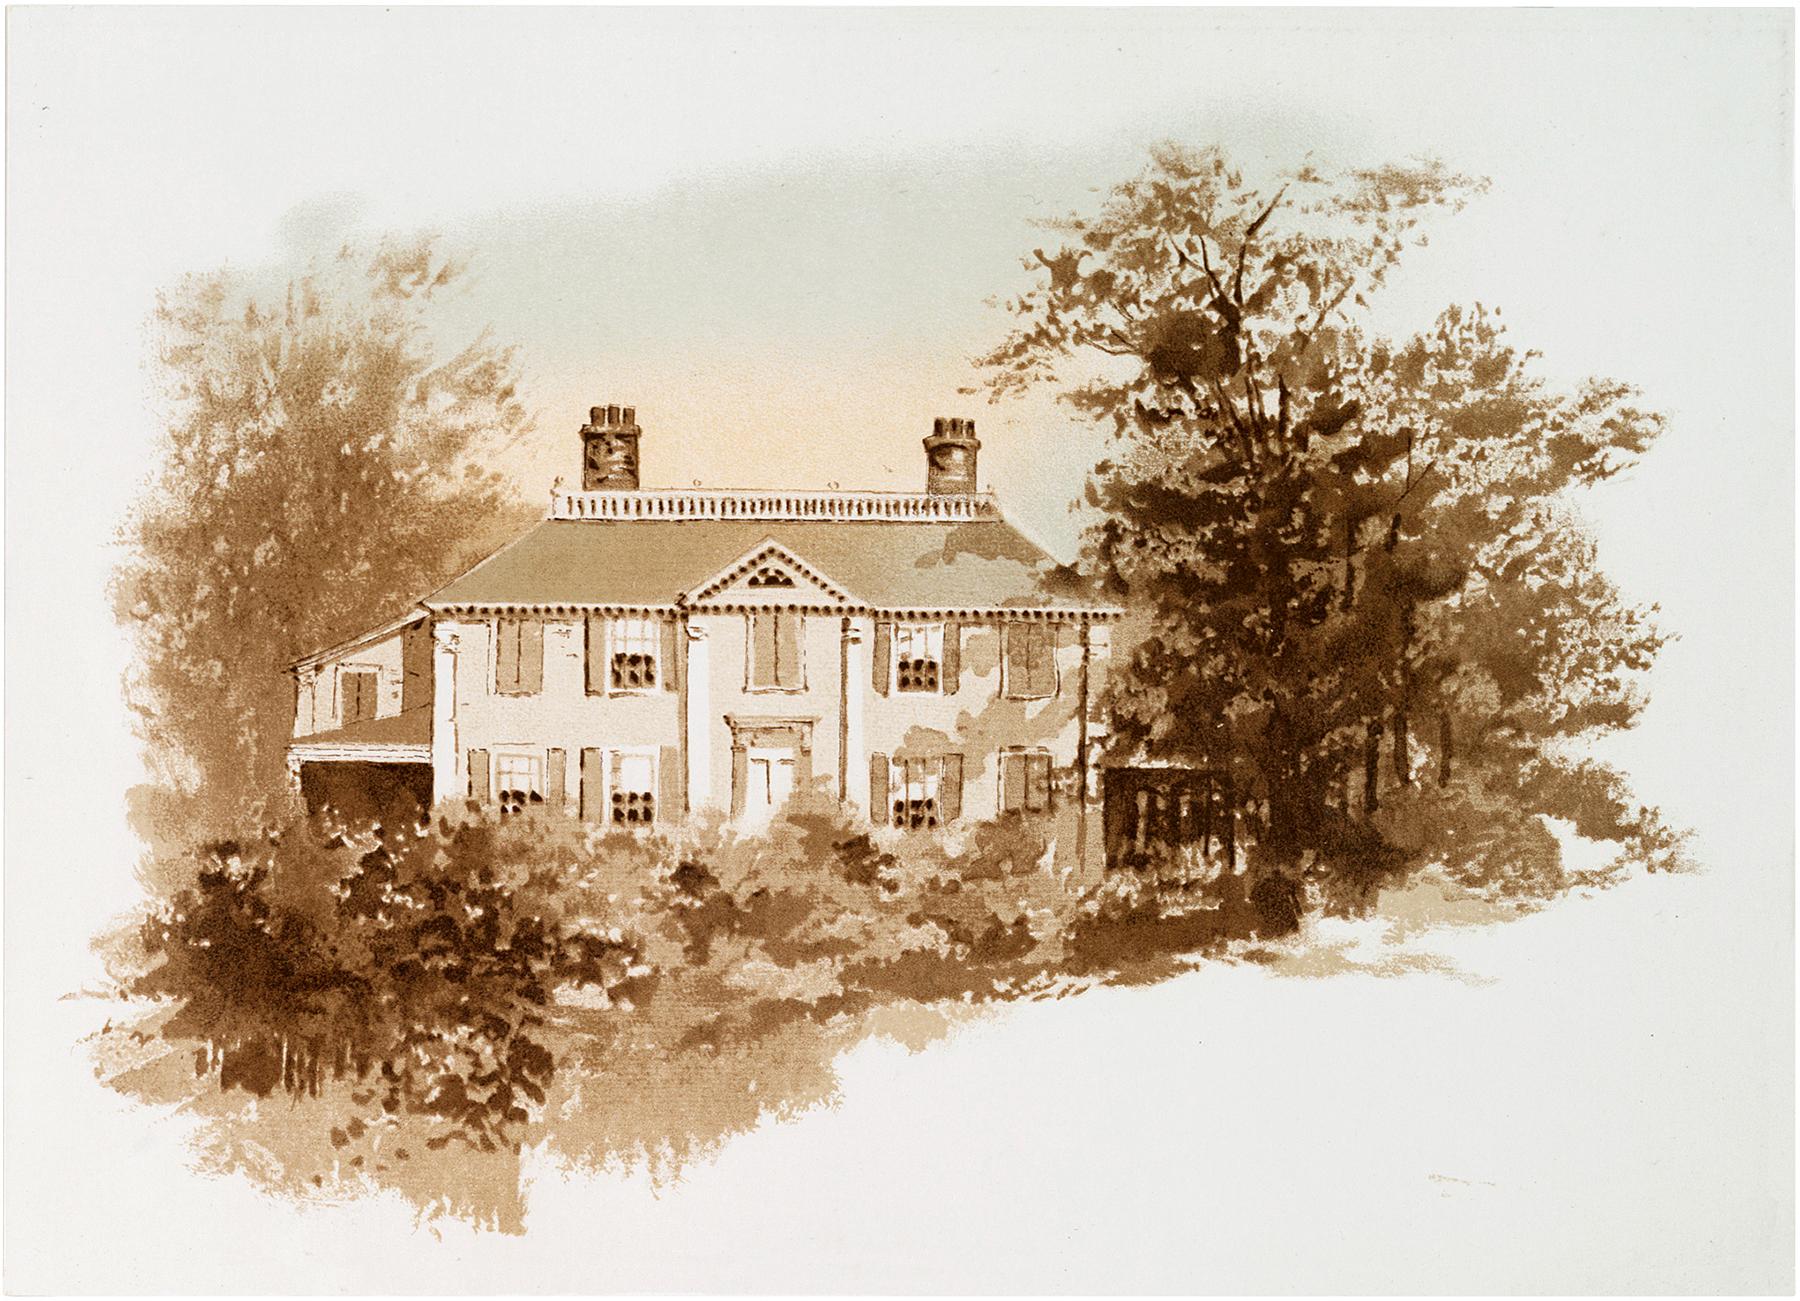 Vintage Sepia Landscape Image